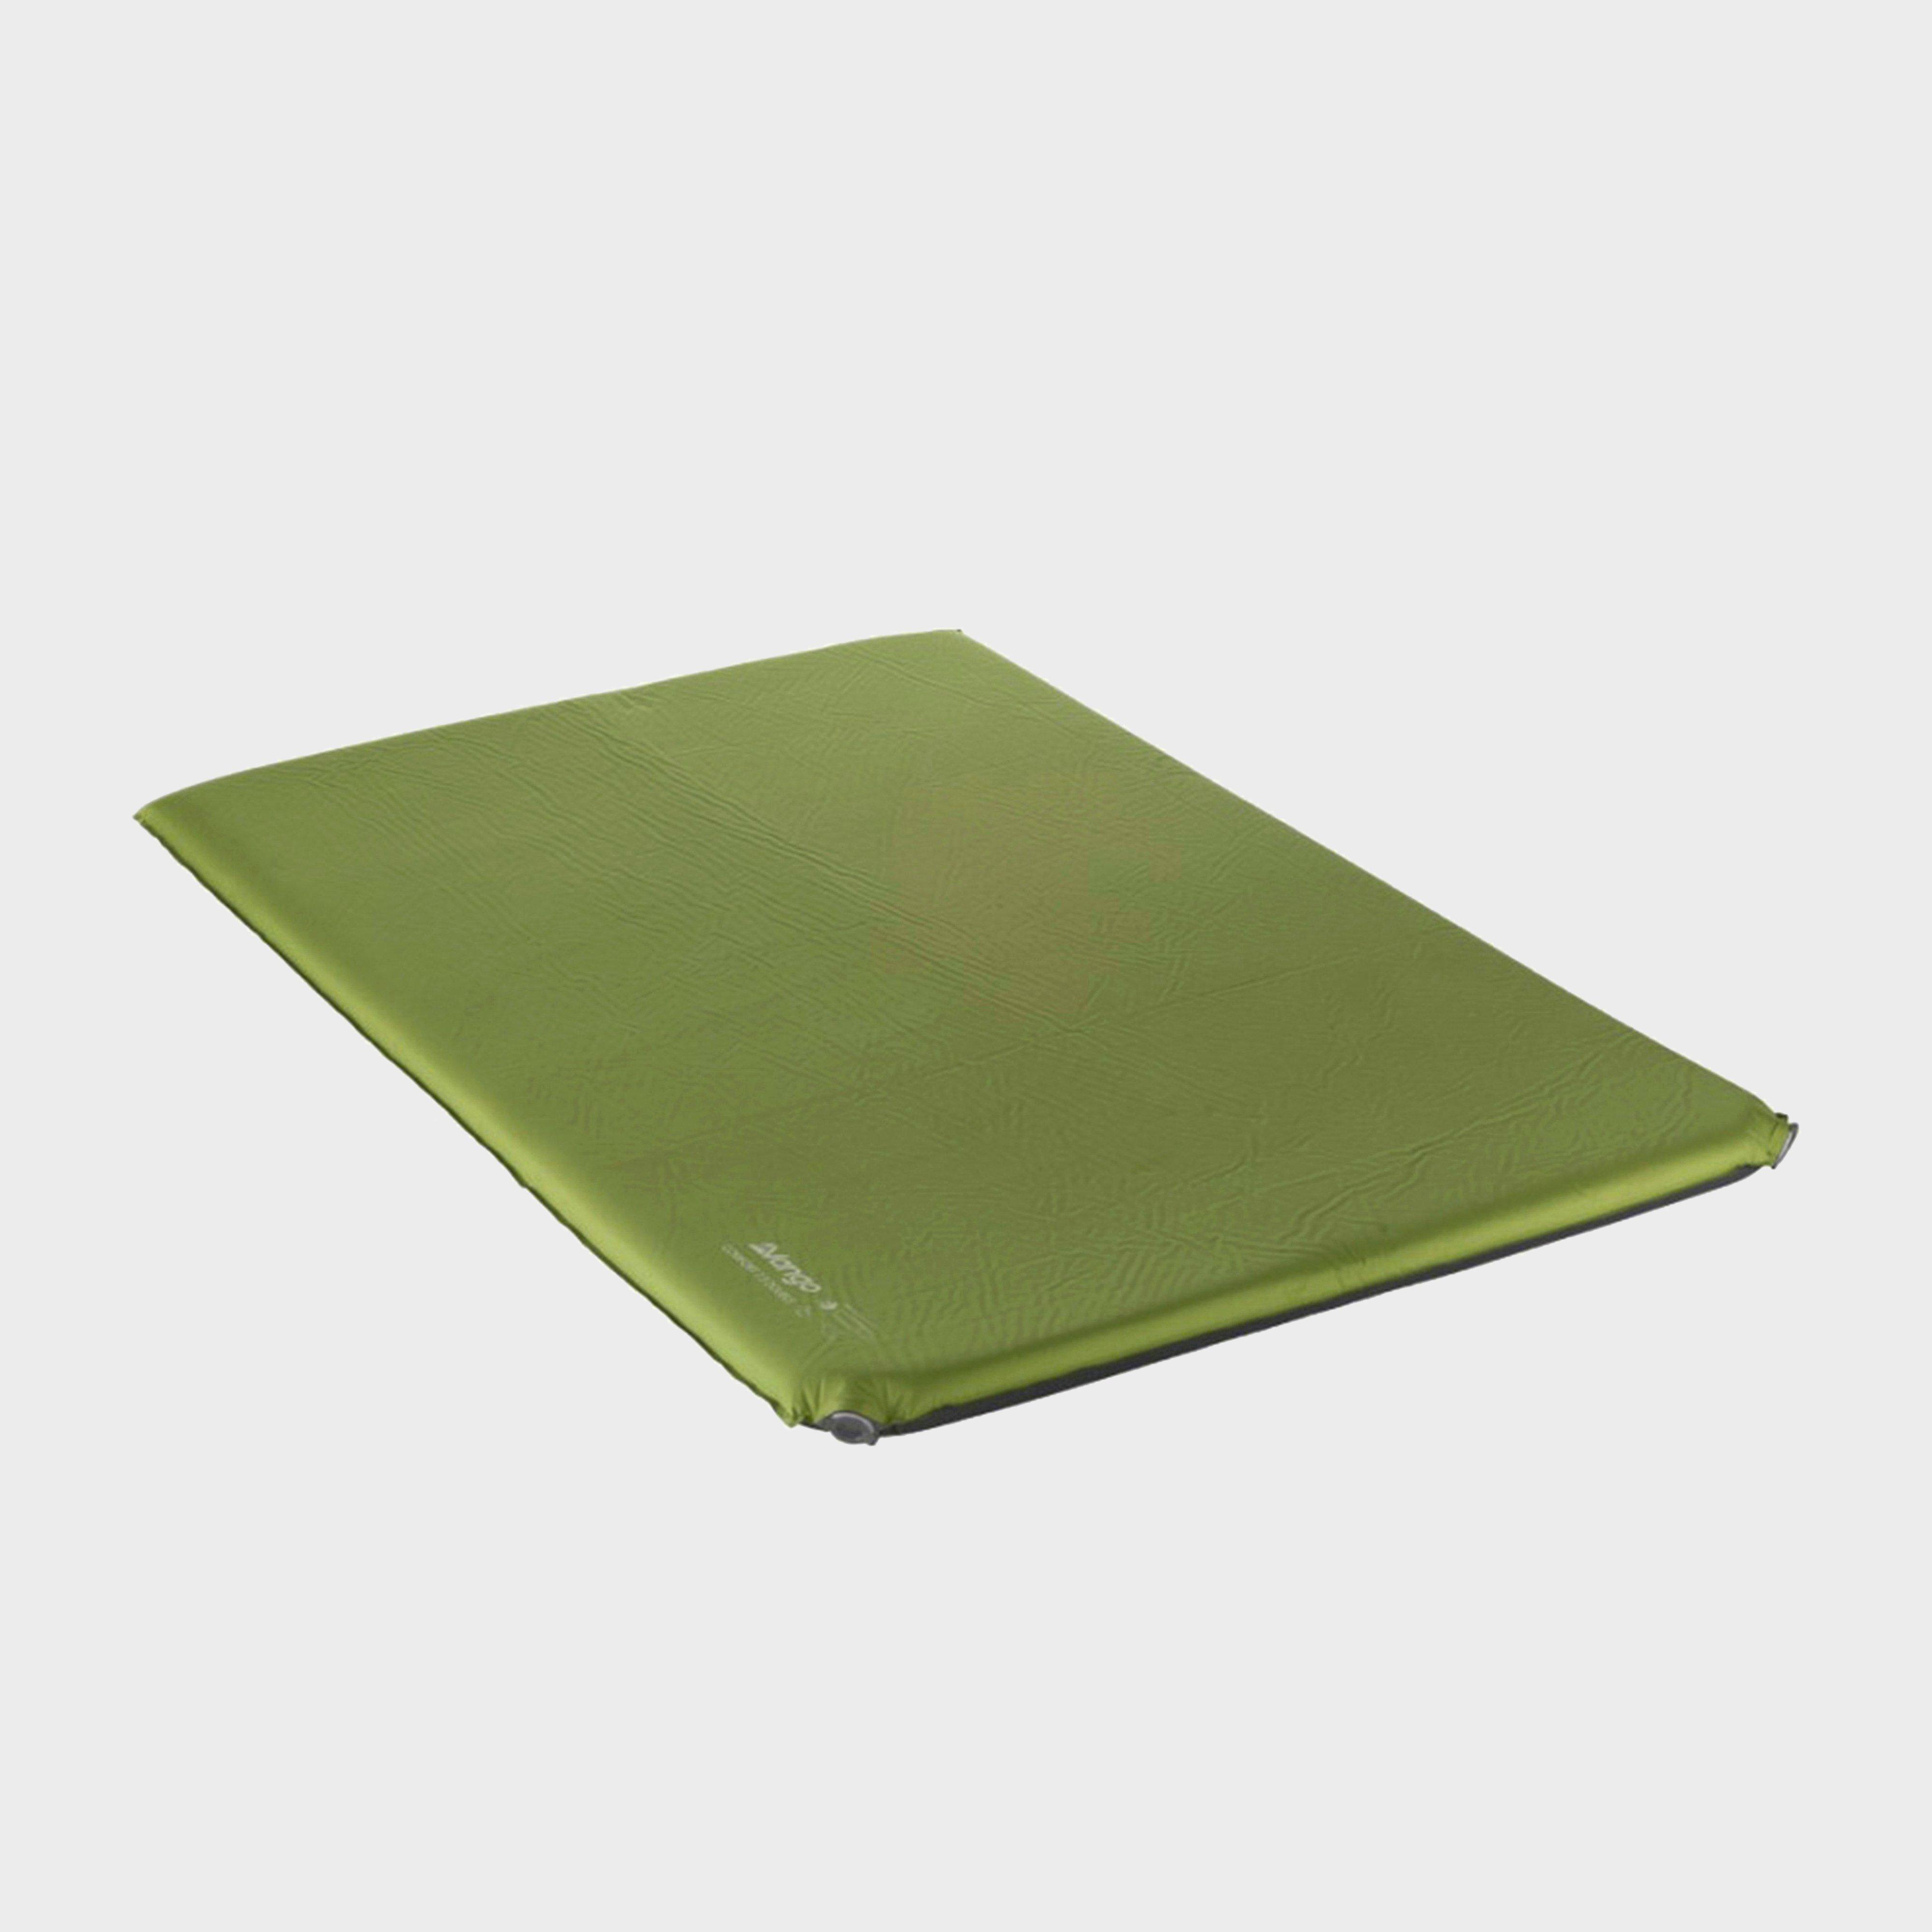 Vango Vango Comfort 7.5 Double Sleeping Mat - Green, Green